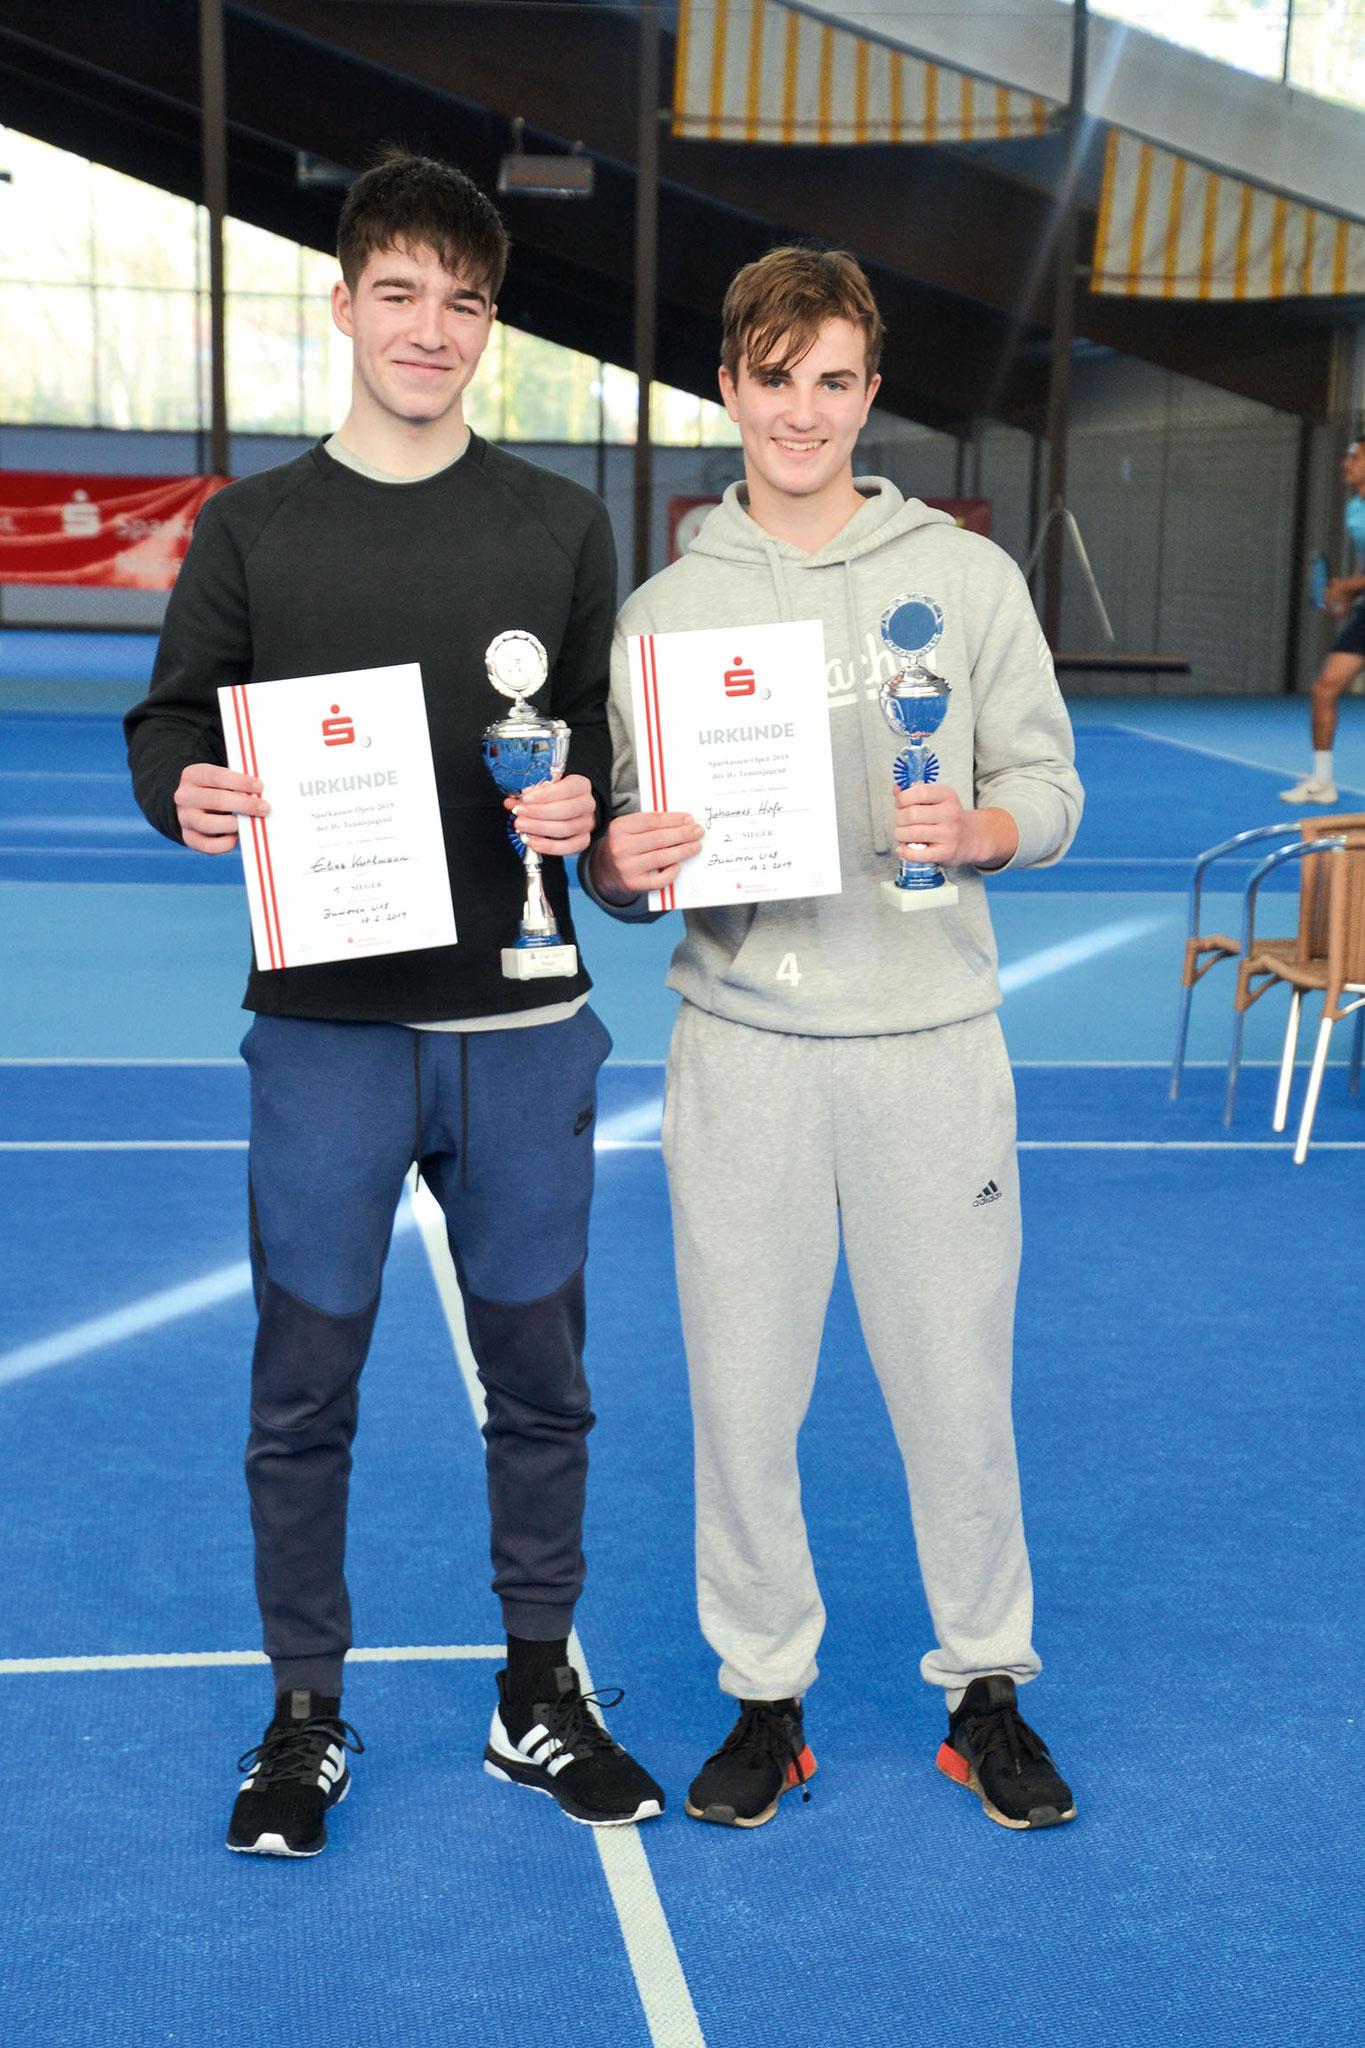 U18: (v.li.) Stadtmeister Elias Kuhlmann (TC Union) und Johannes Hofer (TC Union)